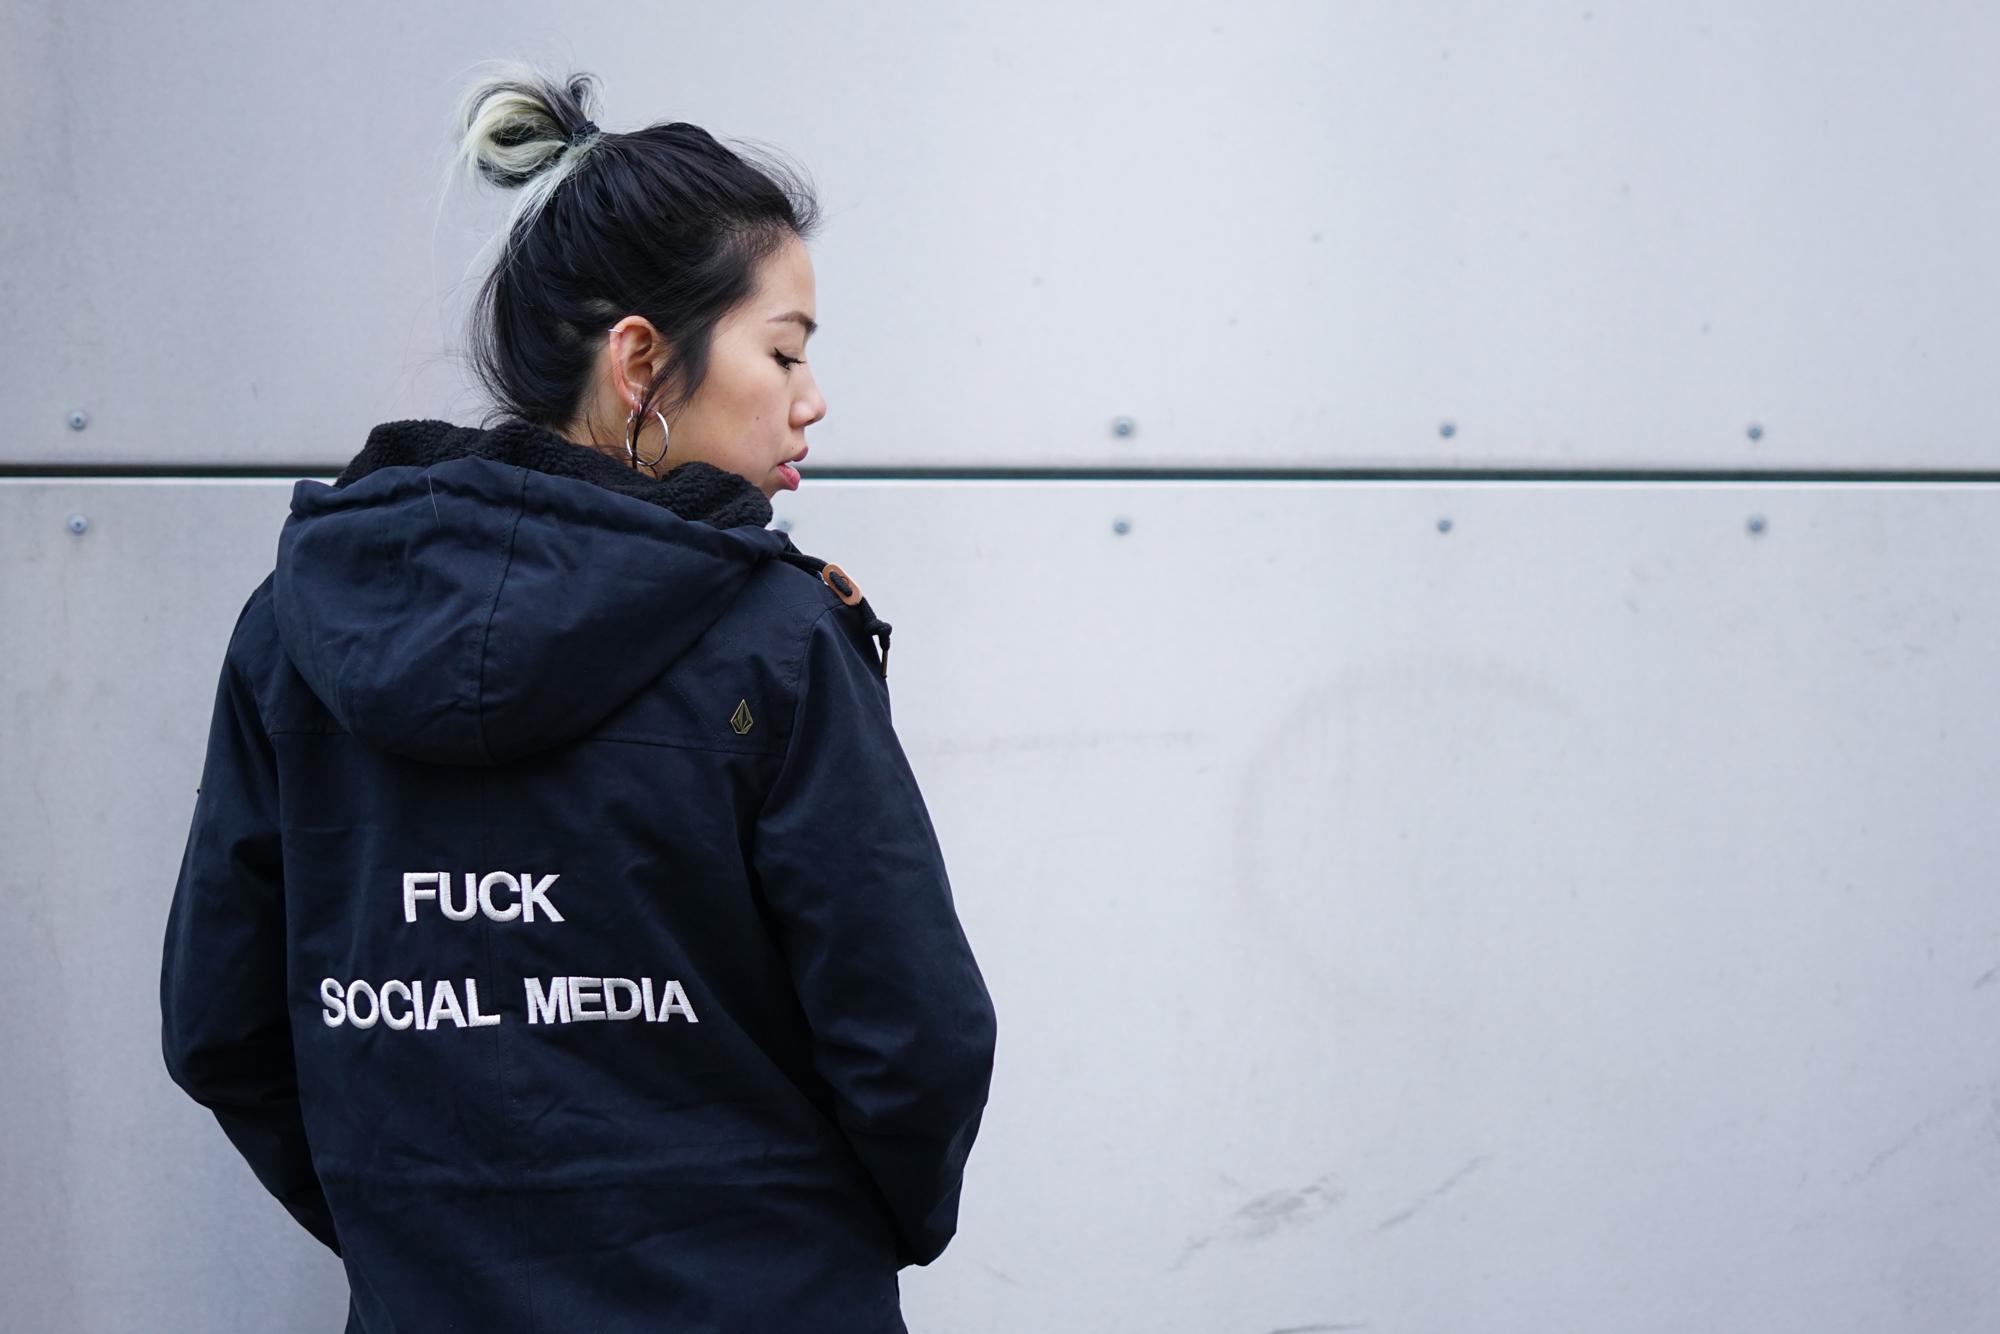 Fuck Social Media 4